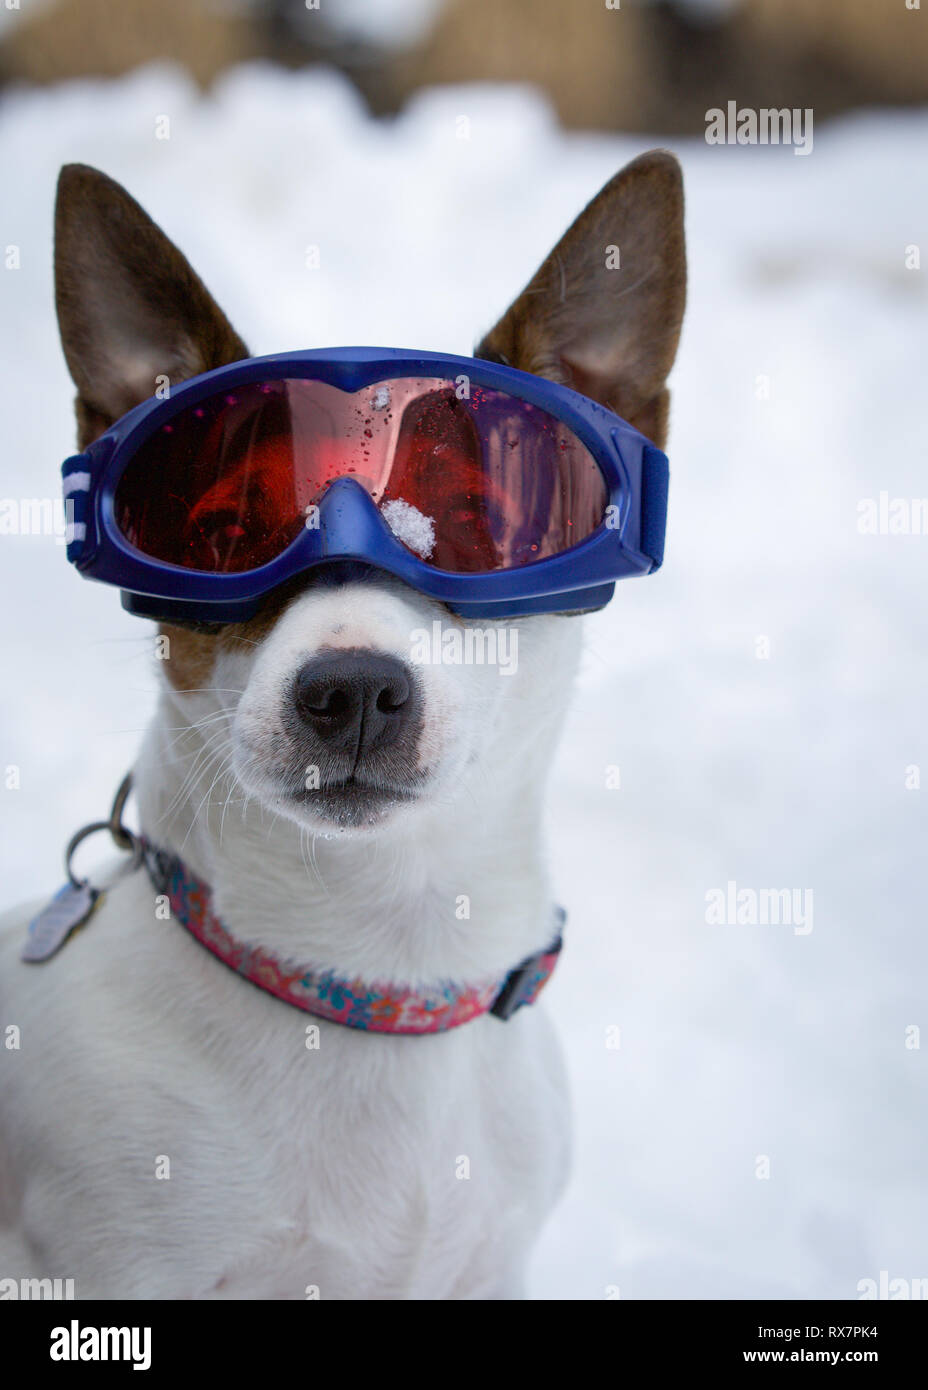 Il Pet ritratto di cane indossando occhiali da sci Immagini Stock